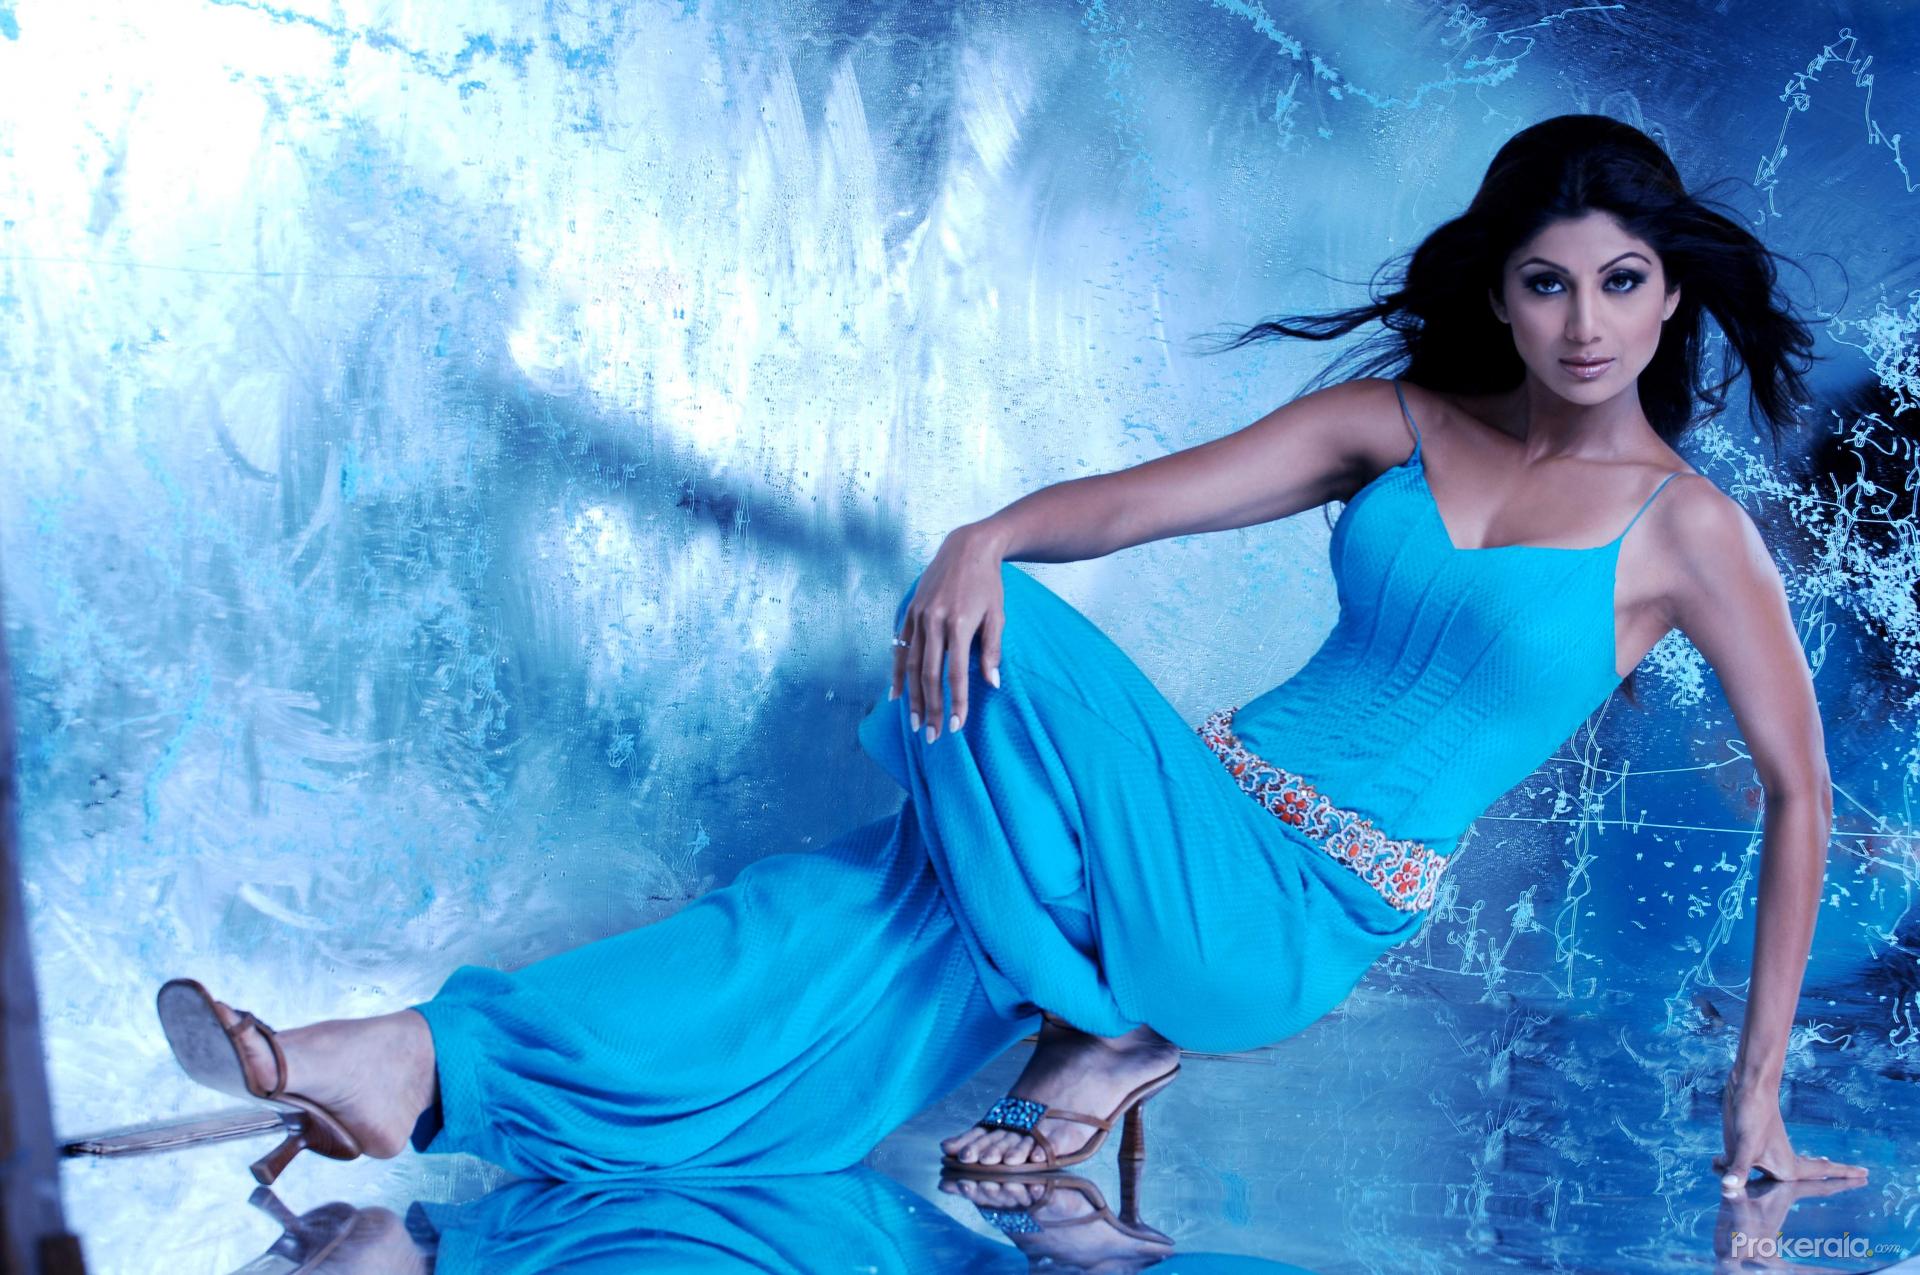 Download Shilpa Shetty Wallpaper  2  Hd Shilpa Shetty Wallpaper  2-3713